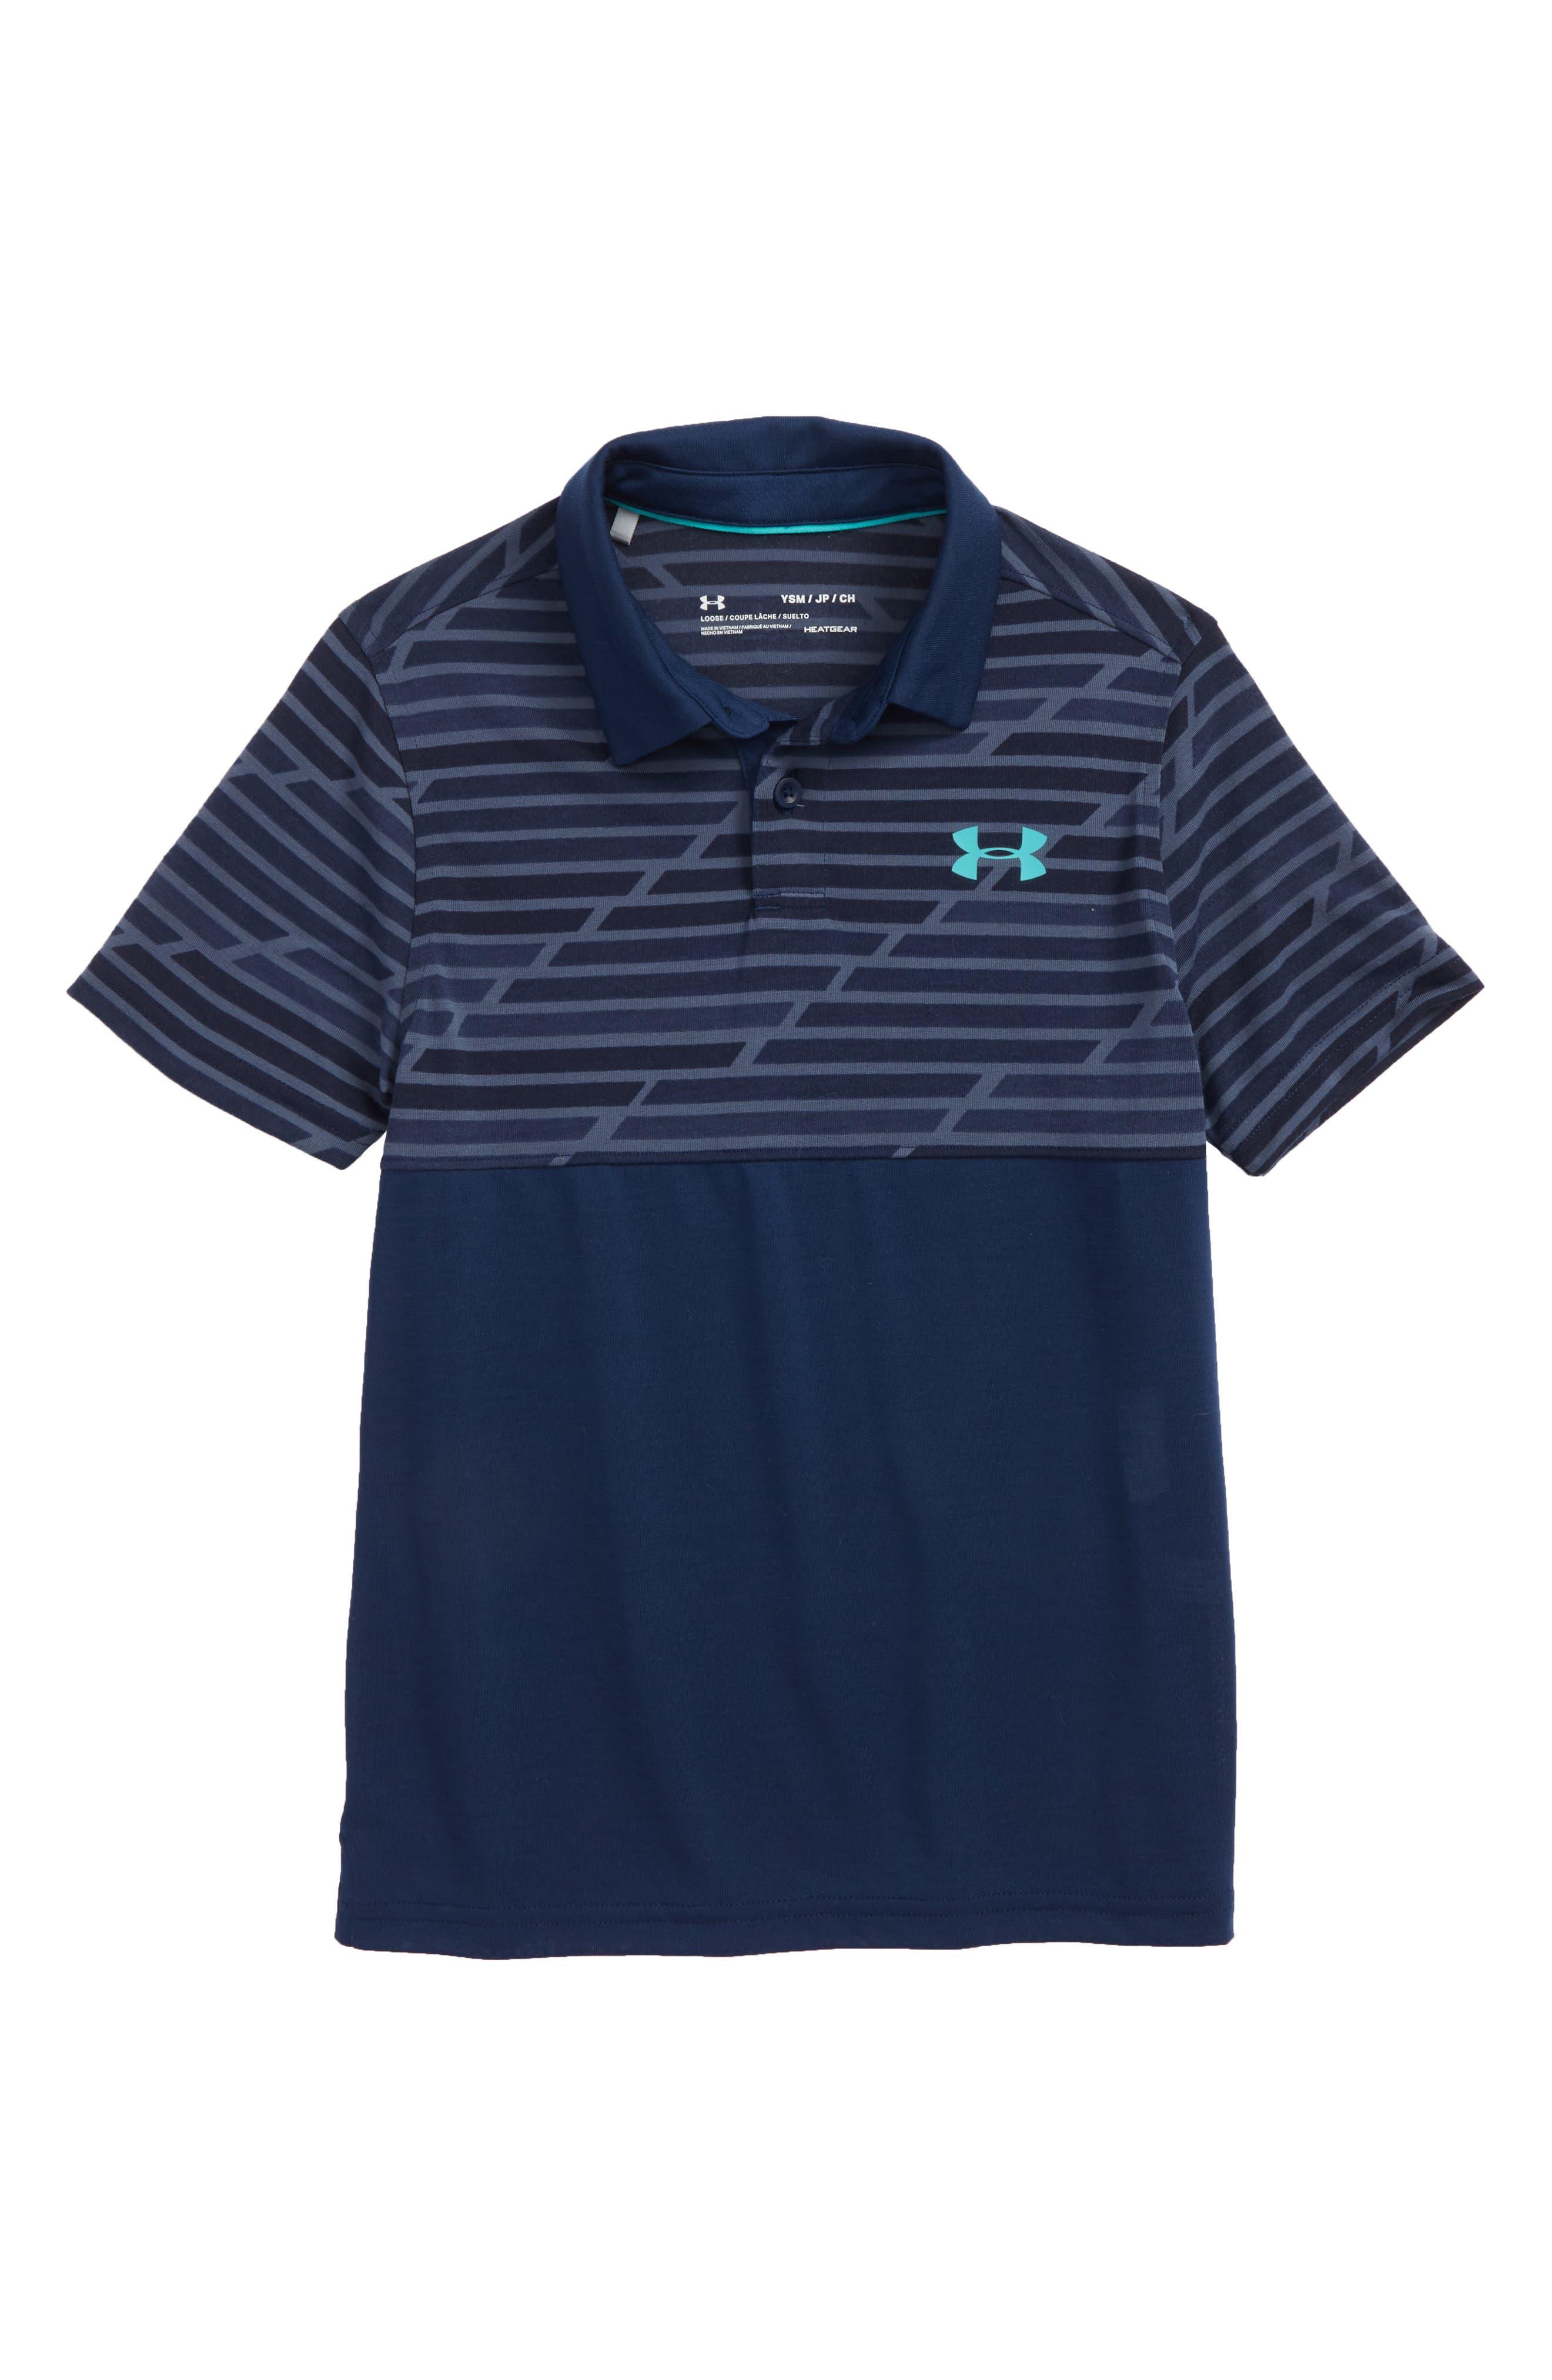 Threadborne HeatGear<sup>®</sup> Polo,                         Main,                         color, Academy Blue/ Teal Punch